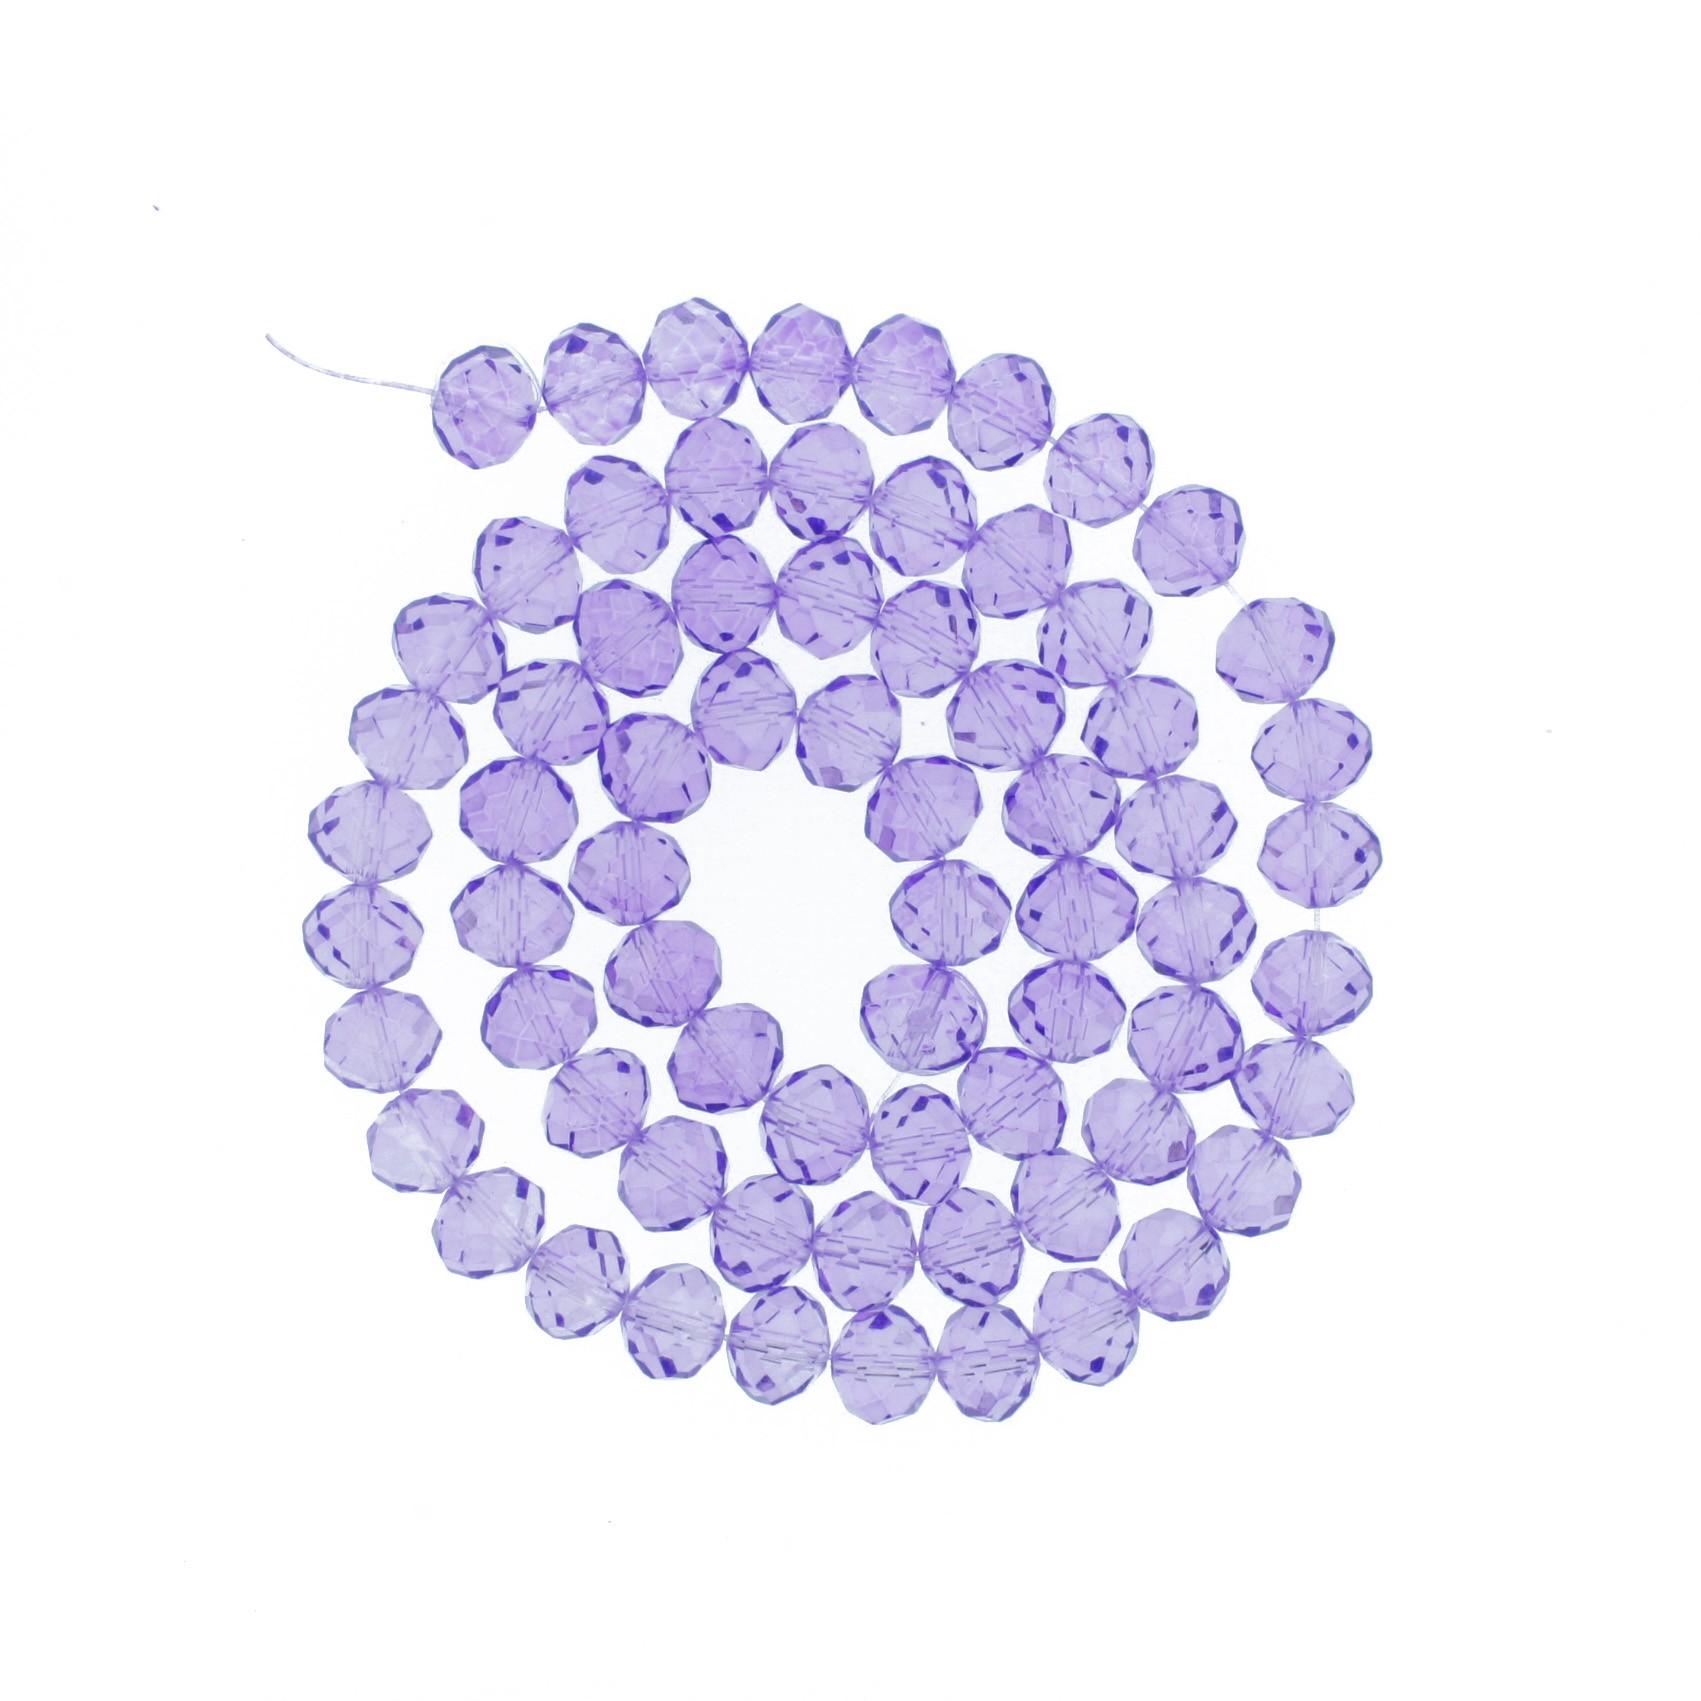 Fio de Cristal - Flat® - Lilás Transparente - 10mm  - Stéphanie Bijoux® - Peças para Bijuterias e Artesanato